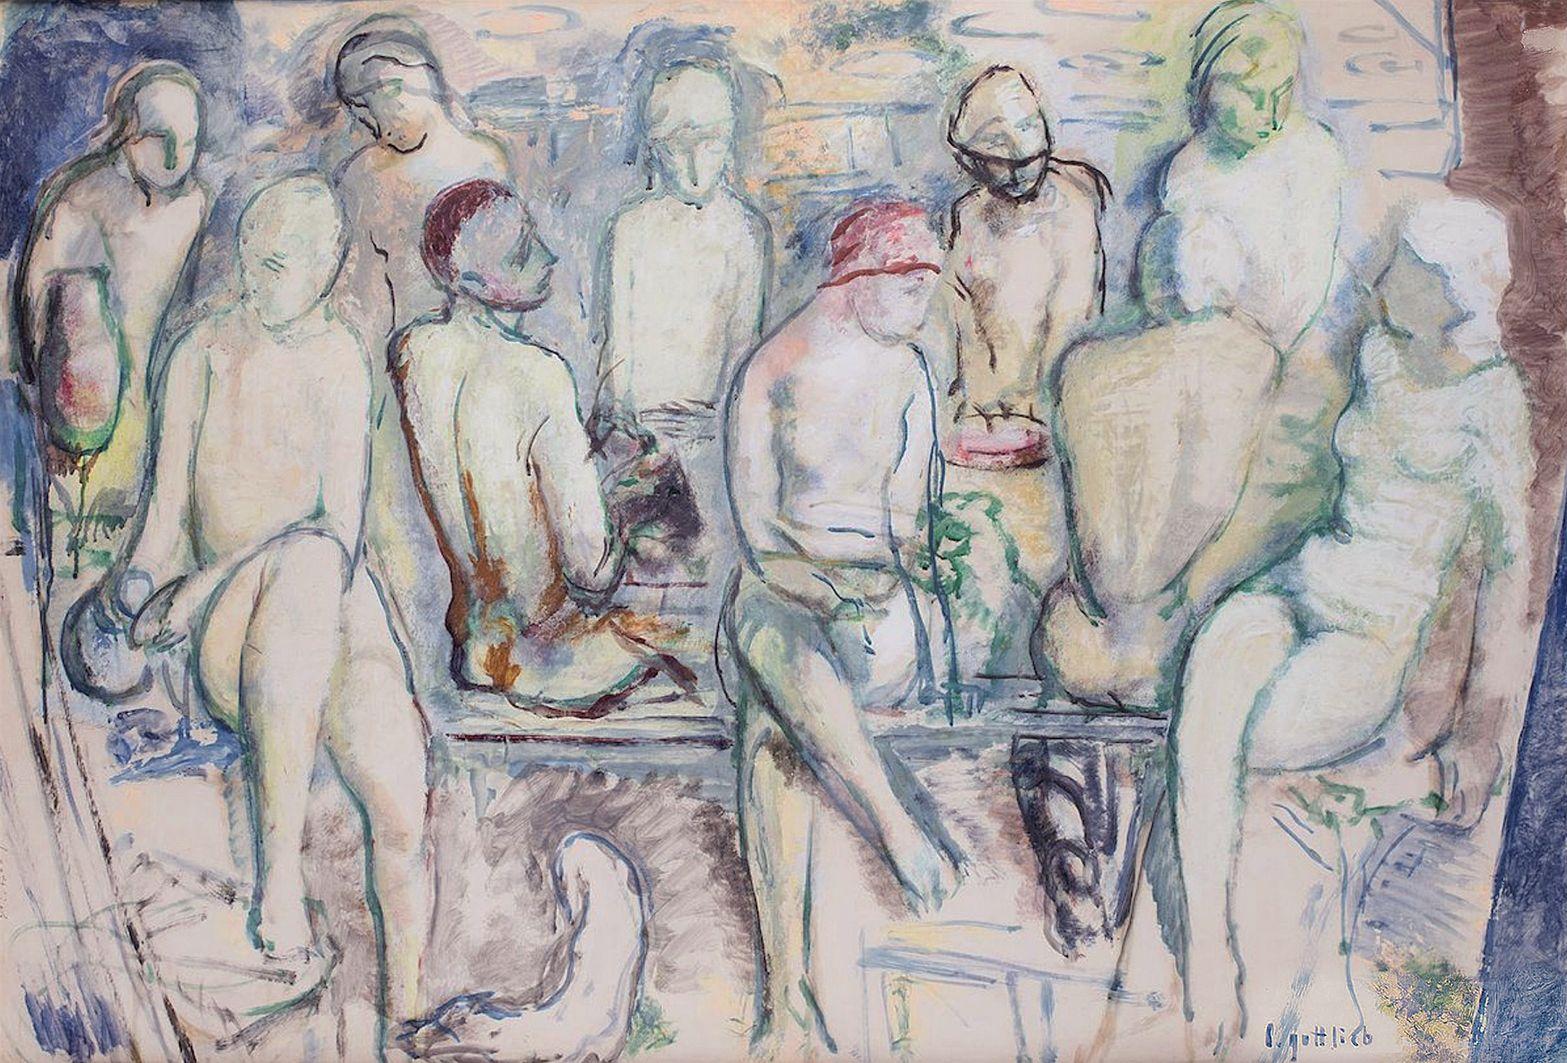 Леопольд Ґоттліб. В бані, 1930; картон, олія